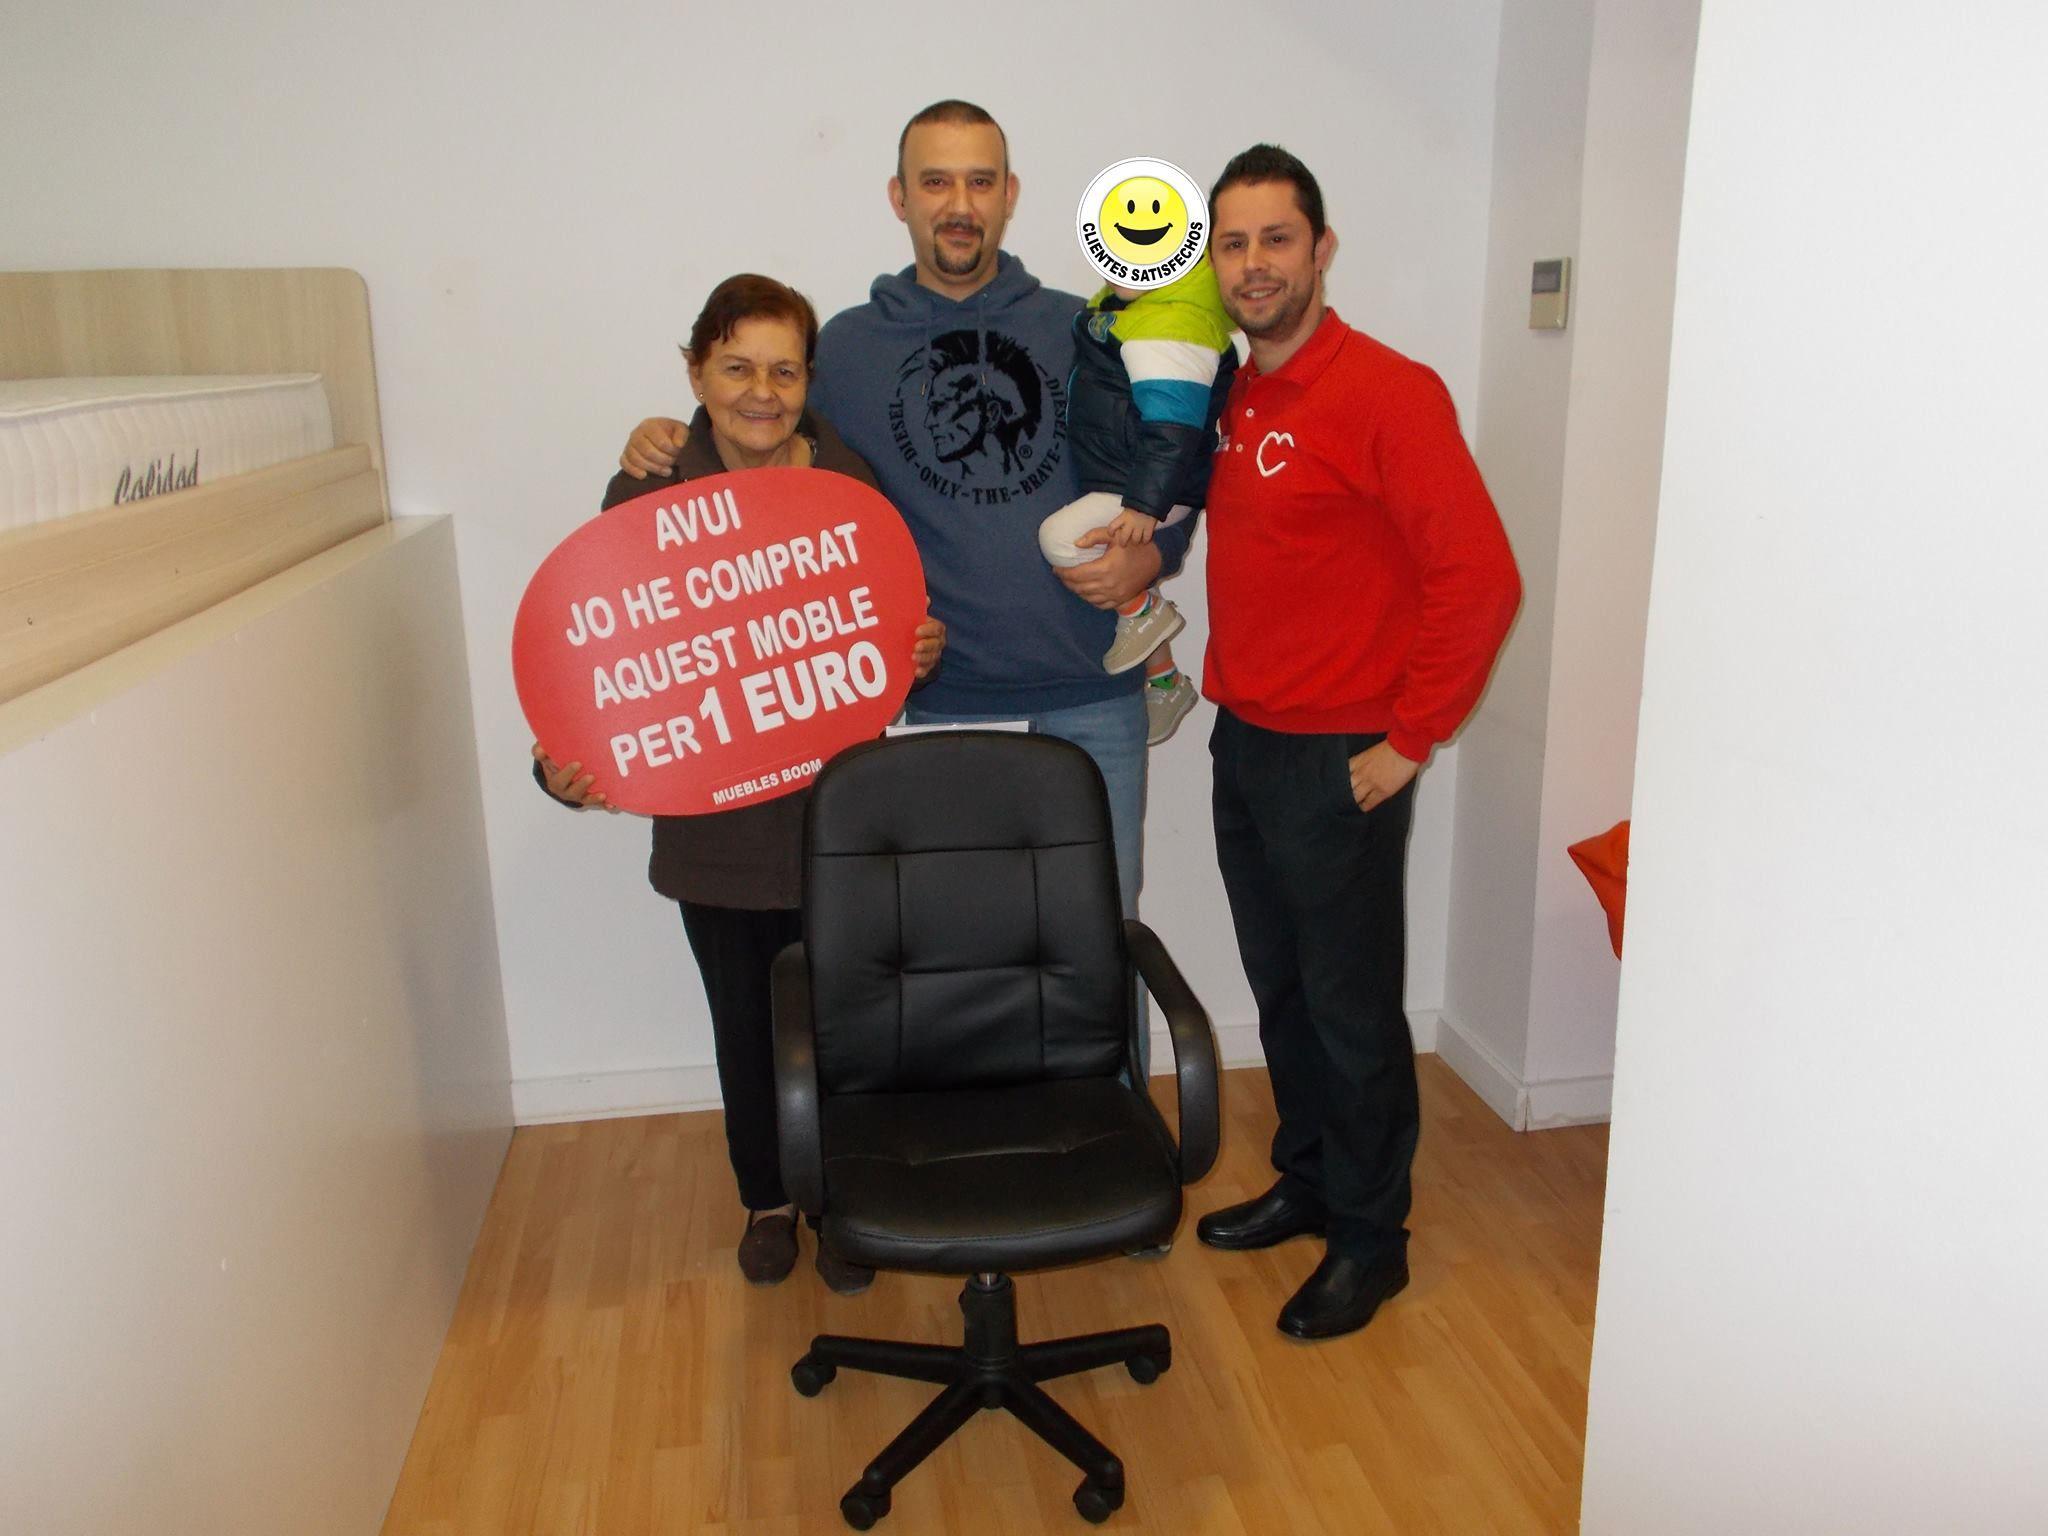 El Pasado Viernes Miriam J Y Mauro P Se Compraron Por Solo 1  # Muebles Boom Alcorcon